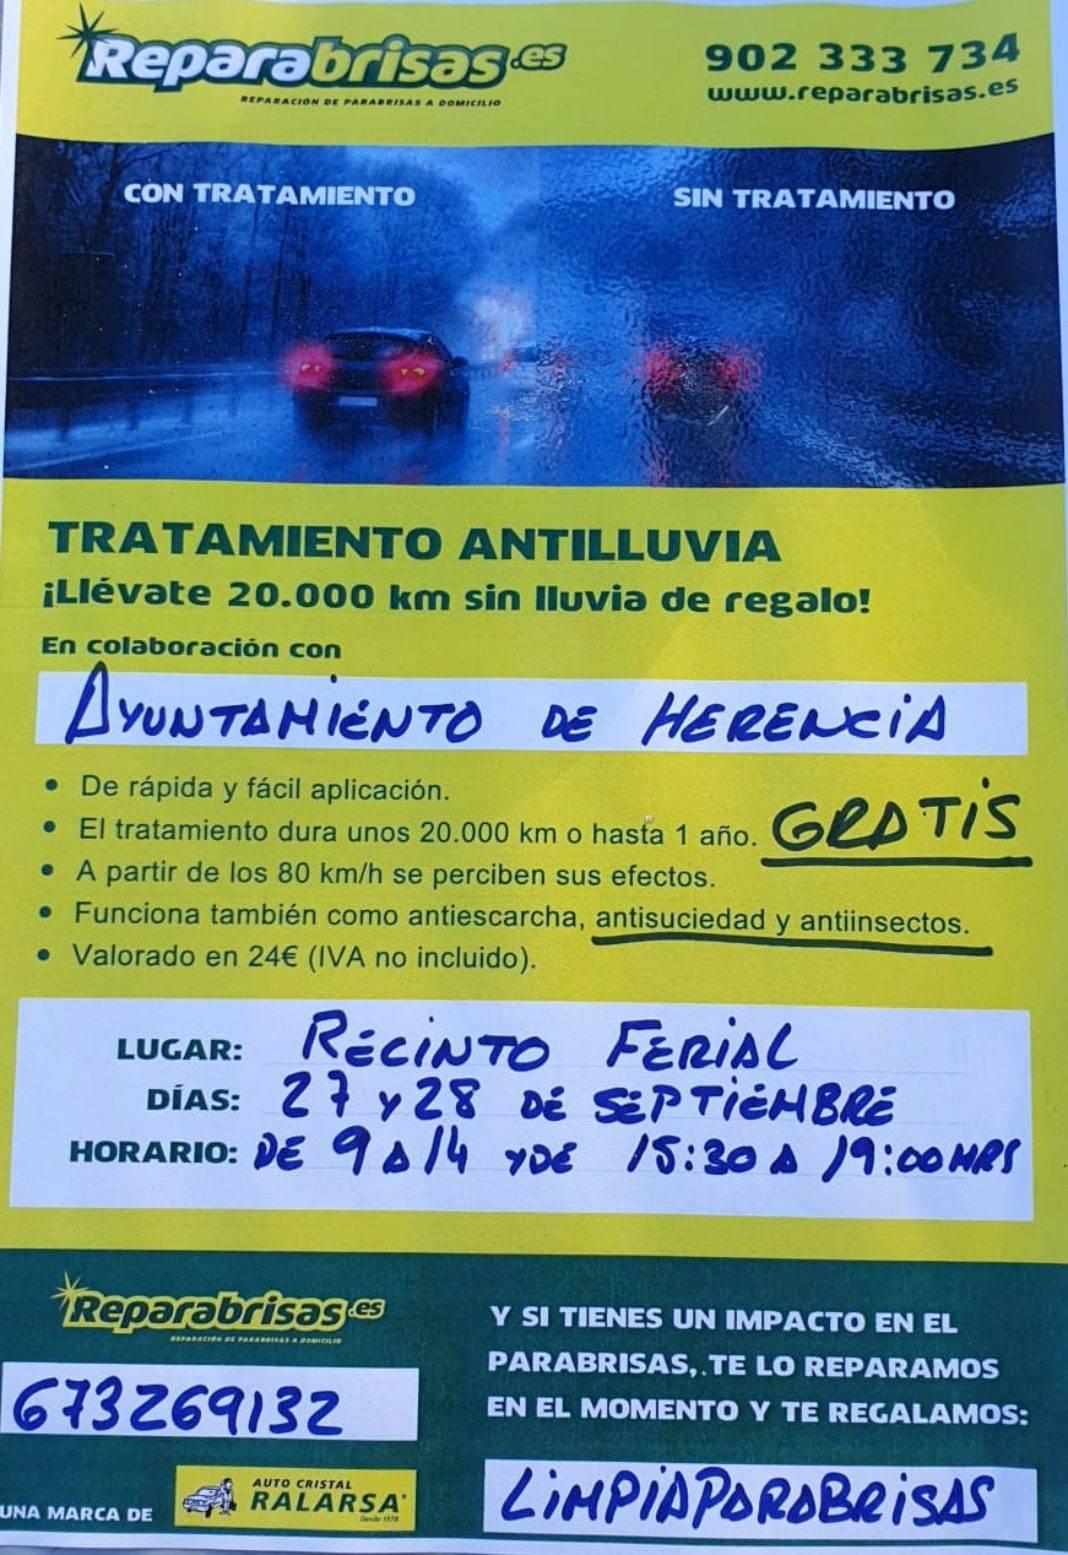 Campaña de tratamiento antilluvia para parabrisas 4